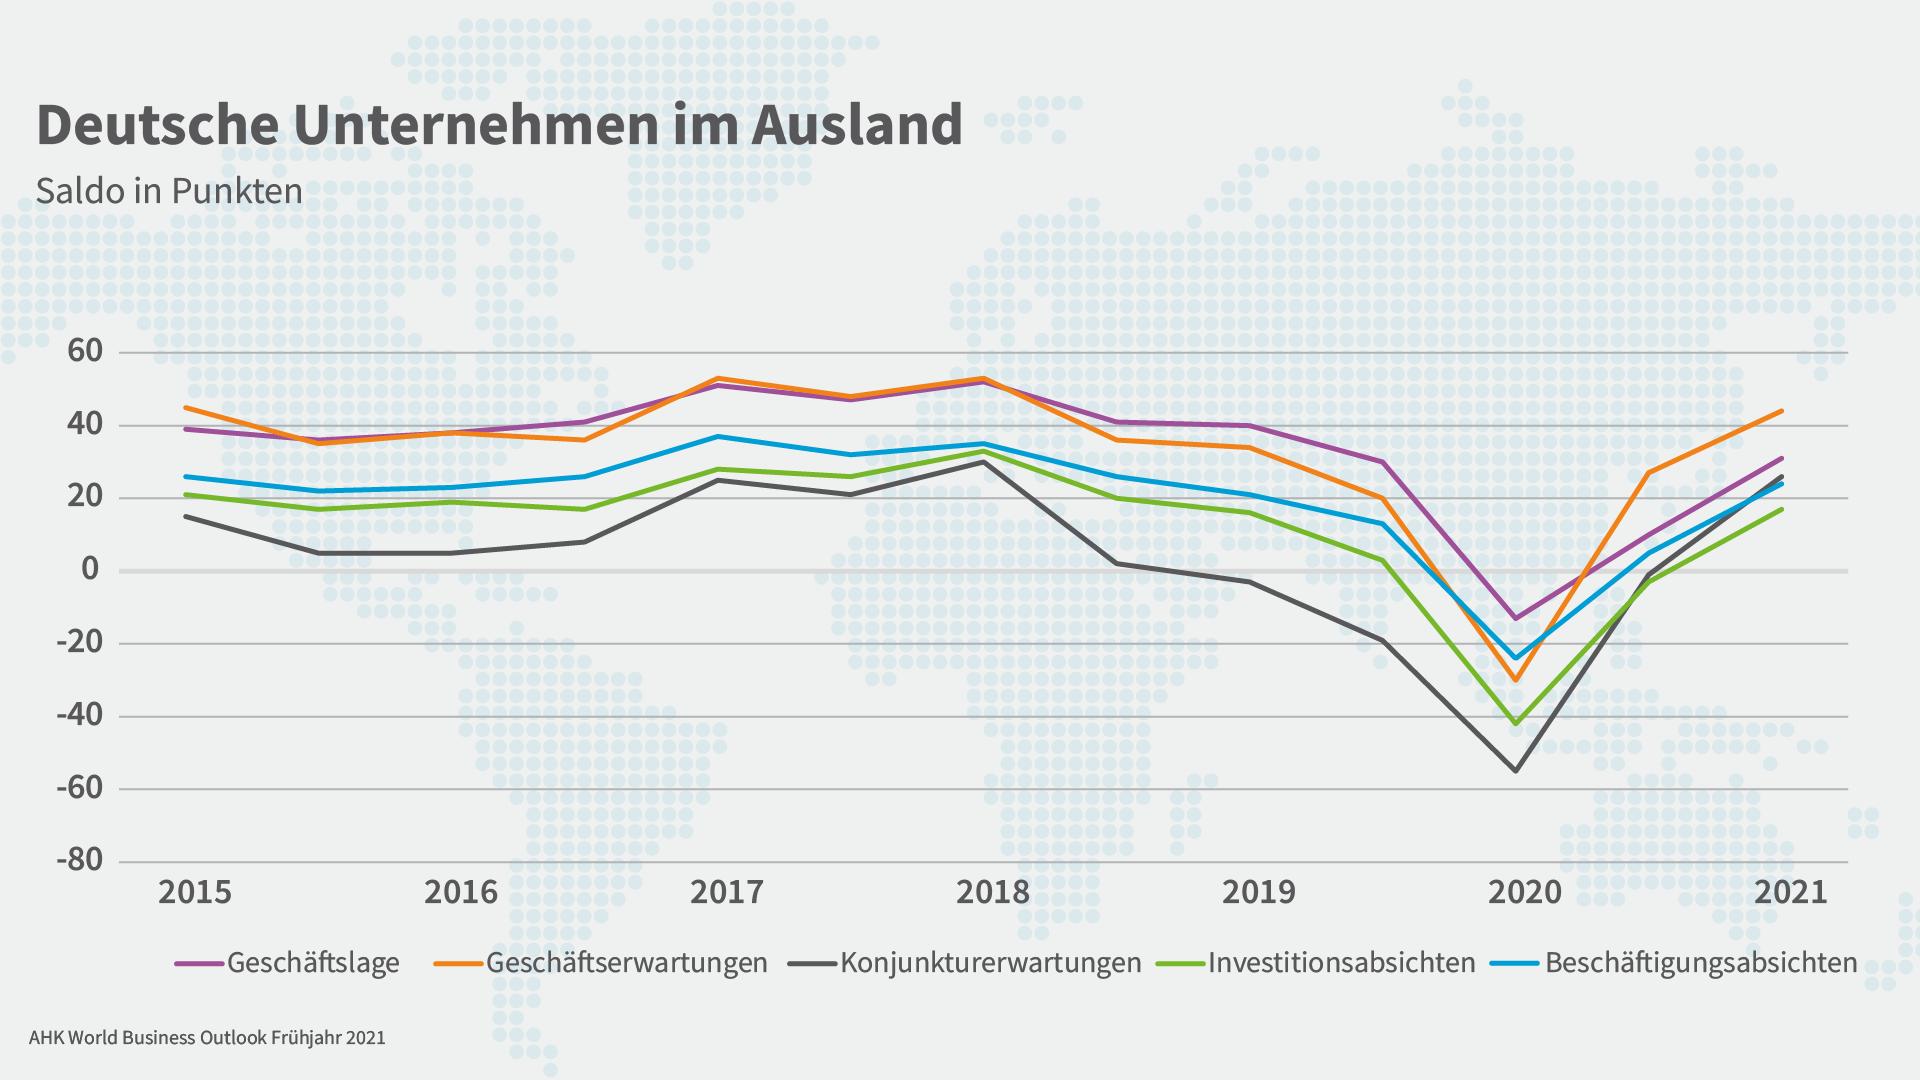 Grafik zu den Einschätzungen der deutschen Unternehmen im Ausland